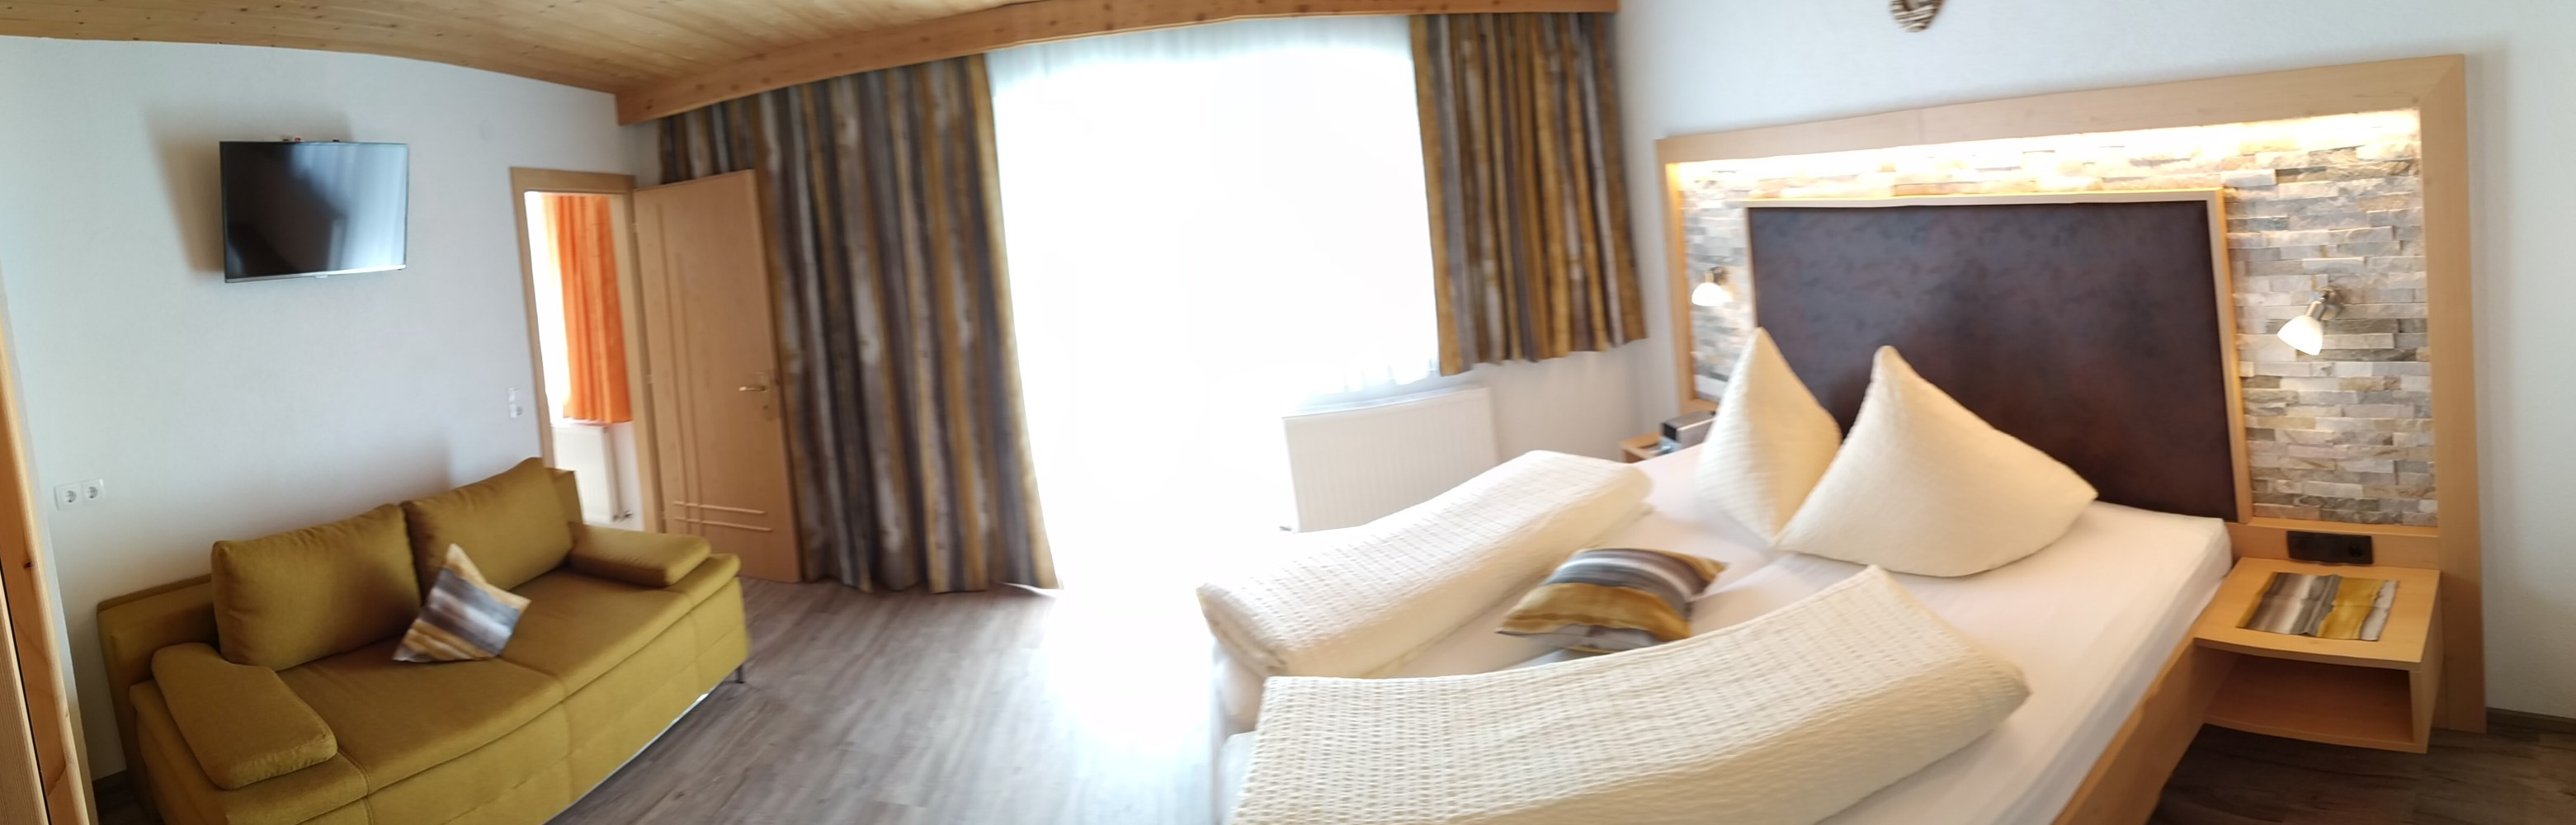 Zimmer 2 - für 1-4 Personen